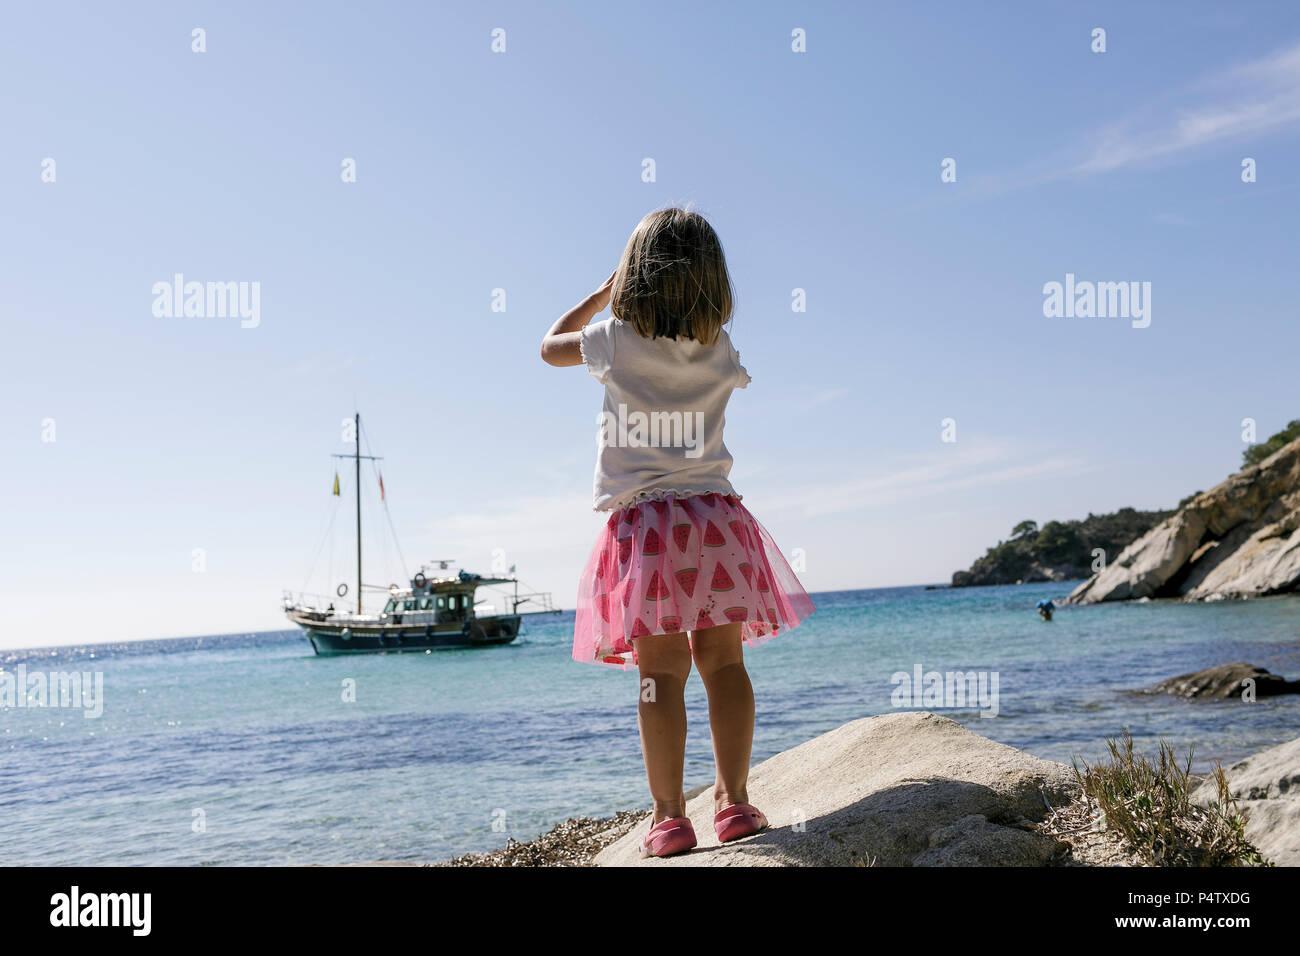 Rückansicht des kleinen Mädchens mit dem Fernglas beobachten Boot Stockfoto